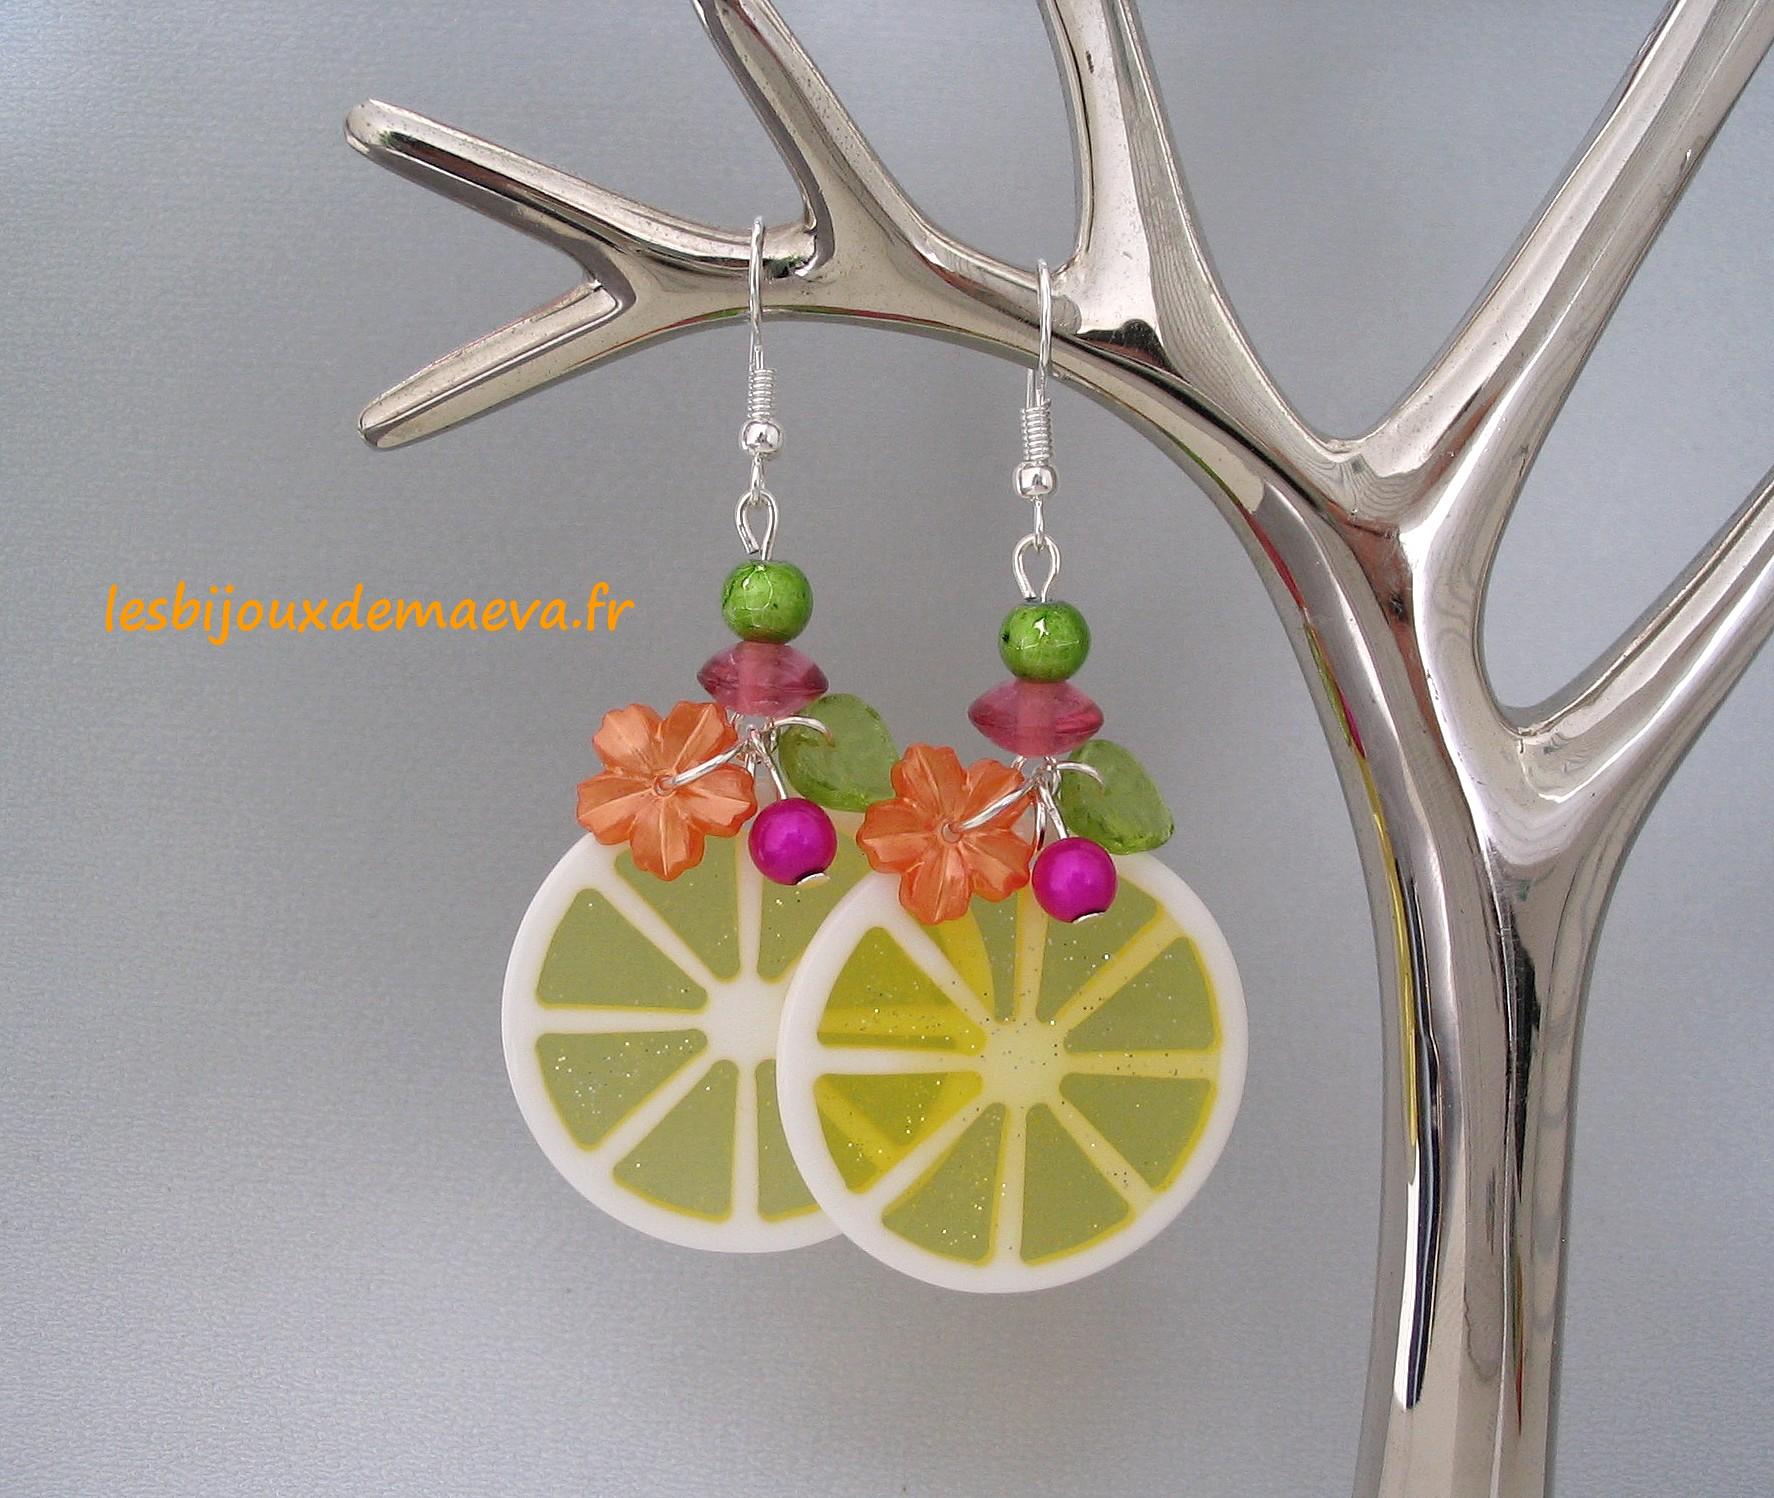 Boucle d'oreille jaune citron